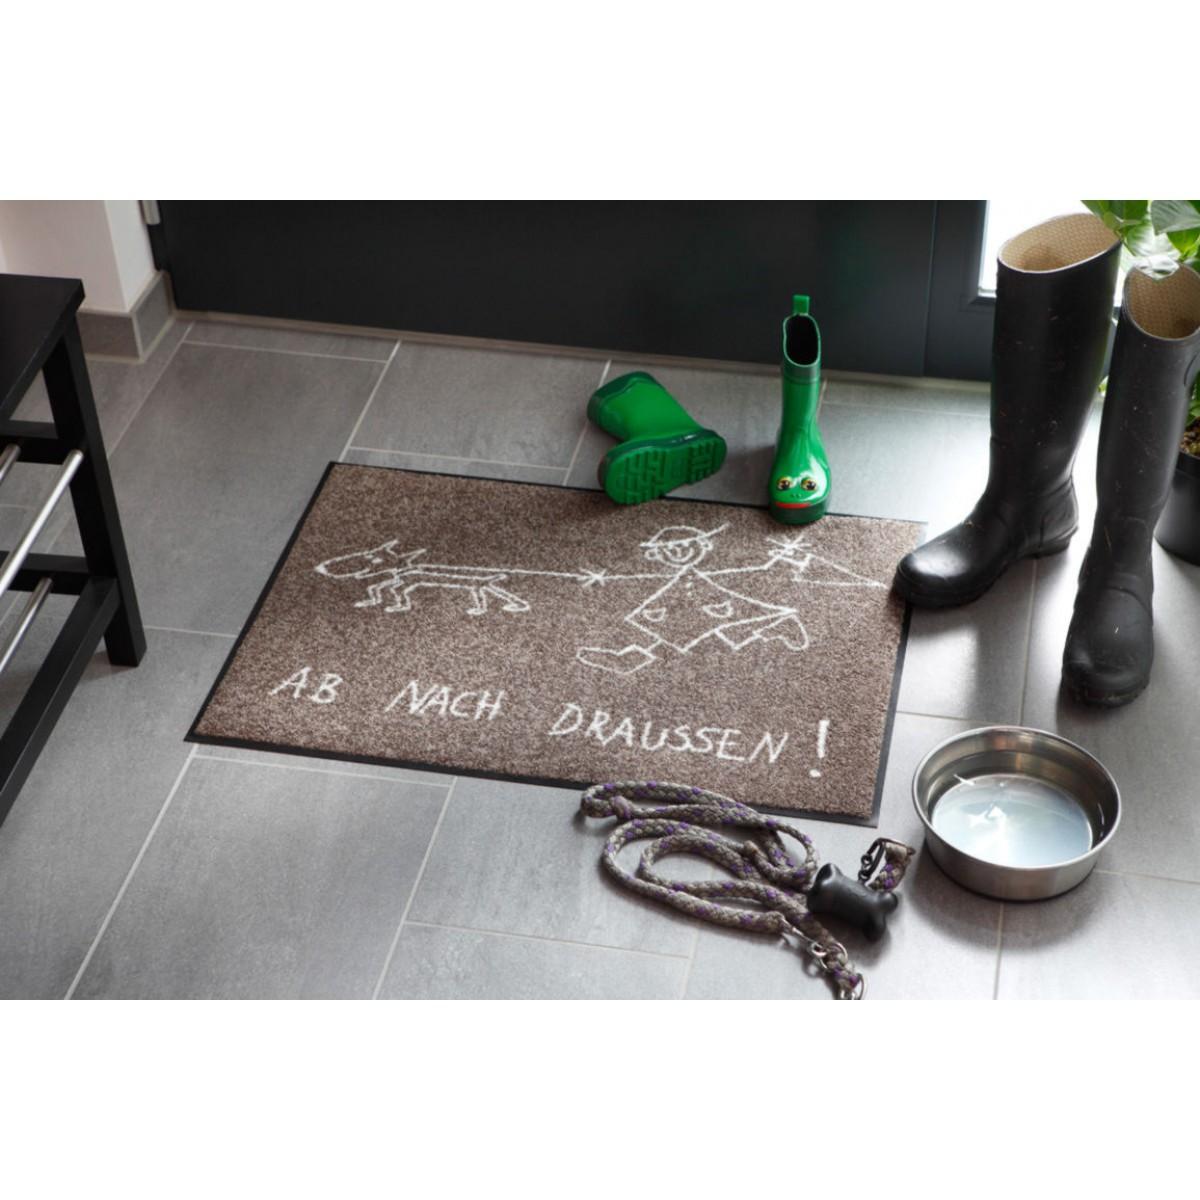 Fußmatten Für Draußen fußmatte ab nach draussen salonlöwe kaufen mattenkiste